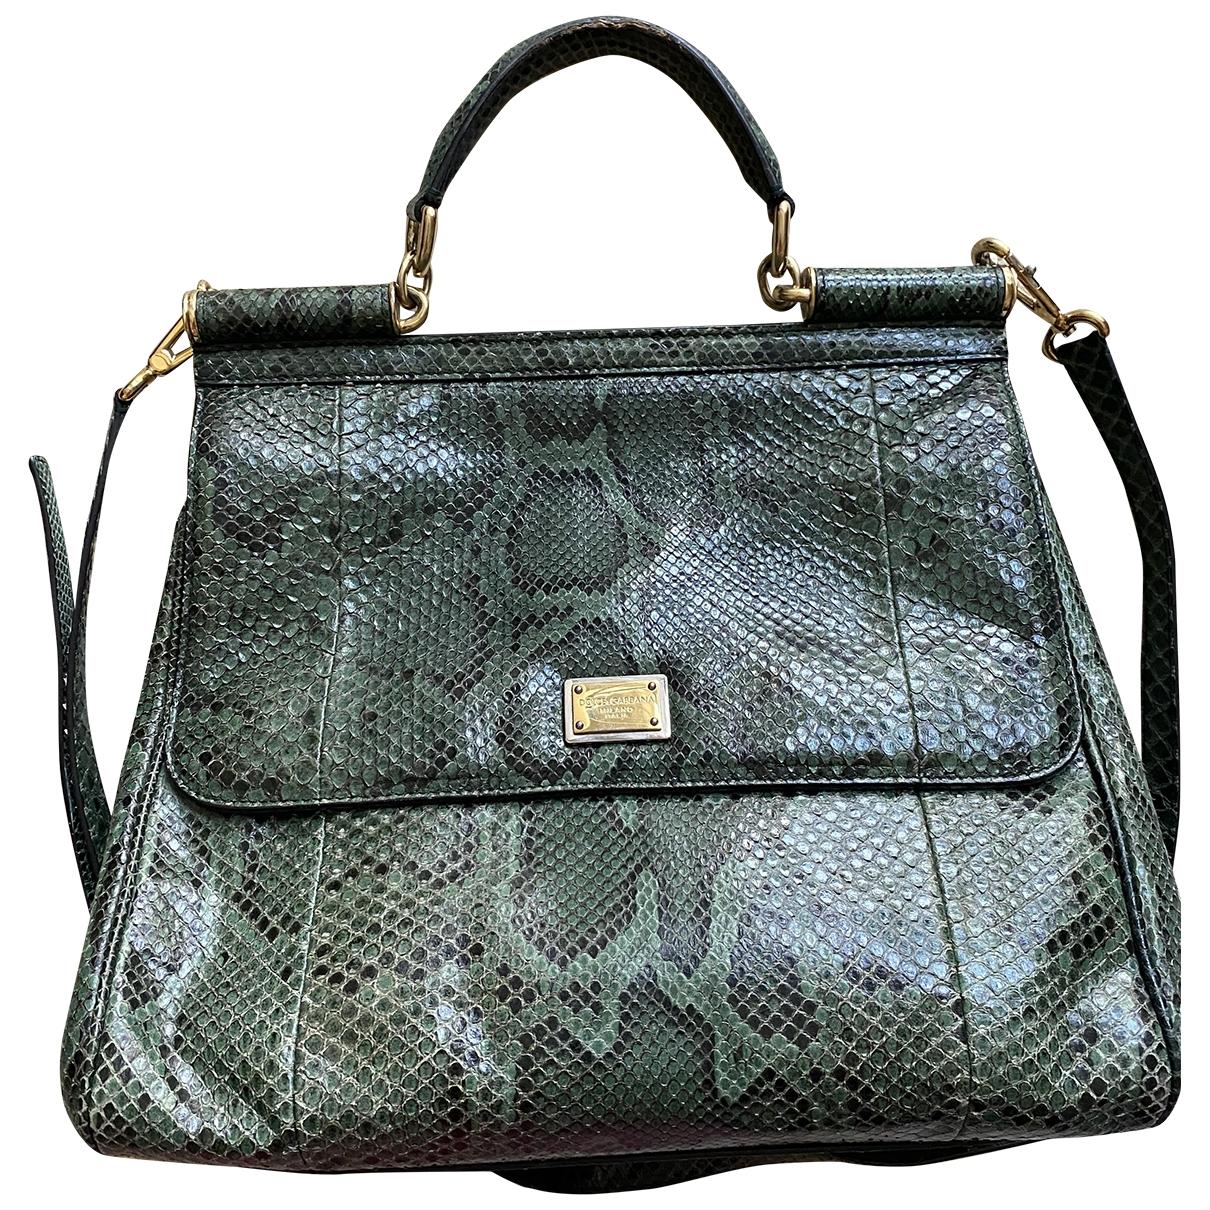 Dolce & Gabbana Sicily Handtasche in  Gruen Python